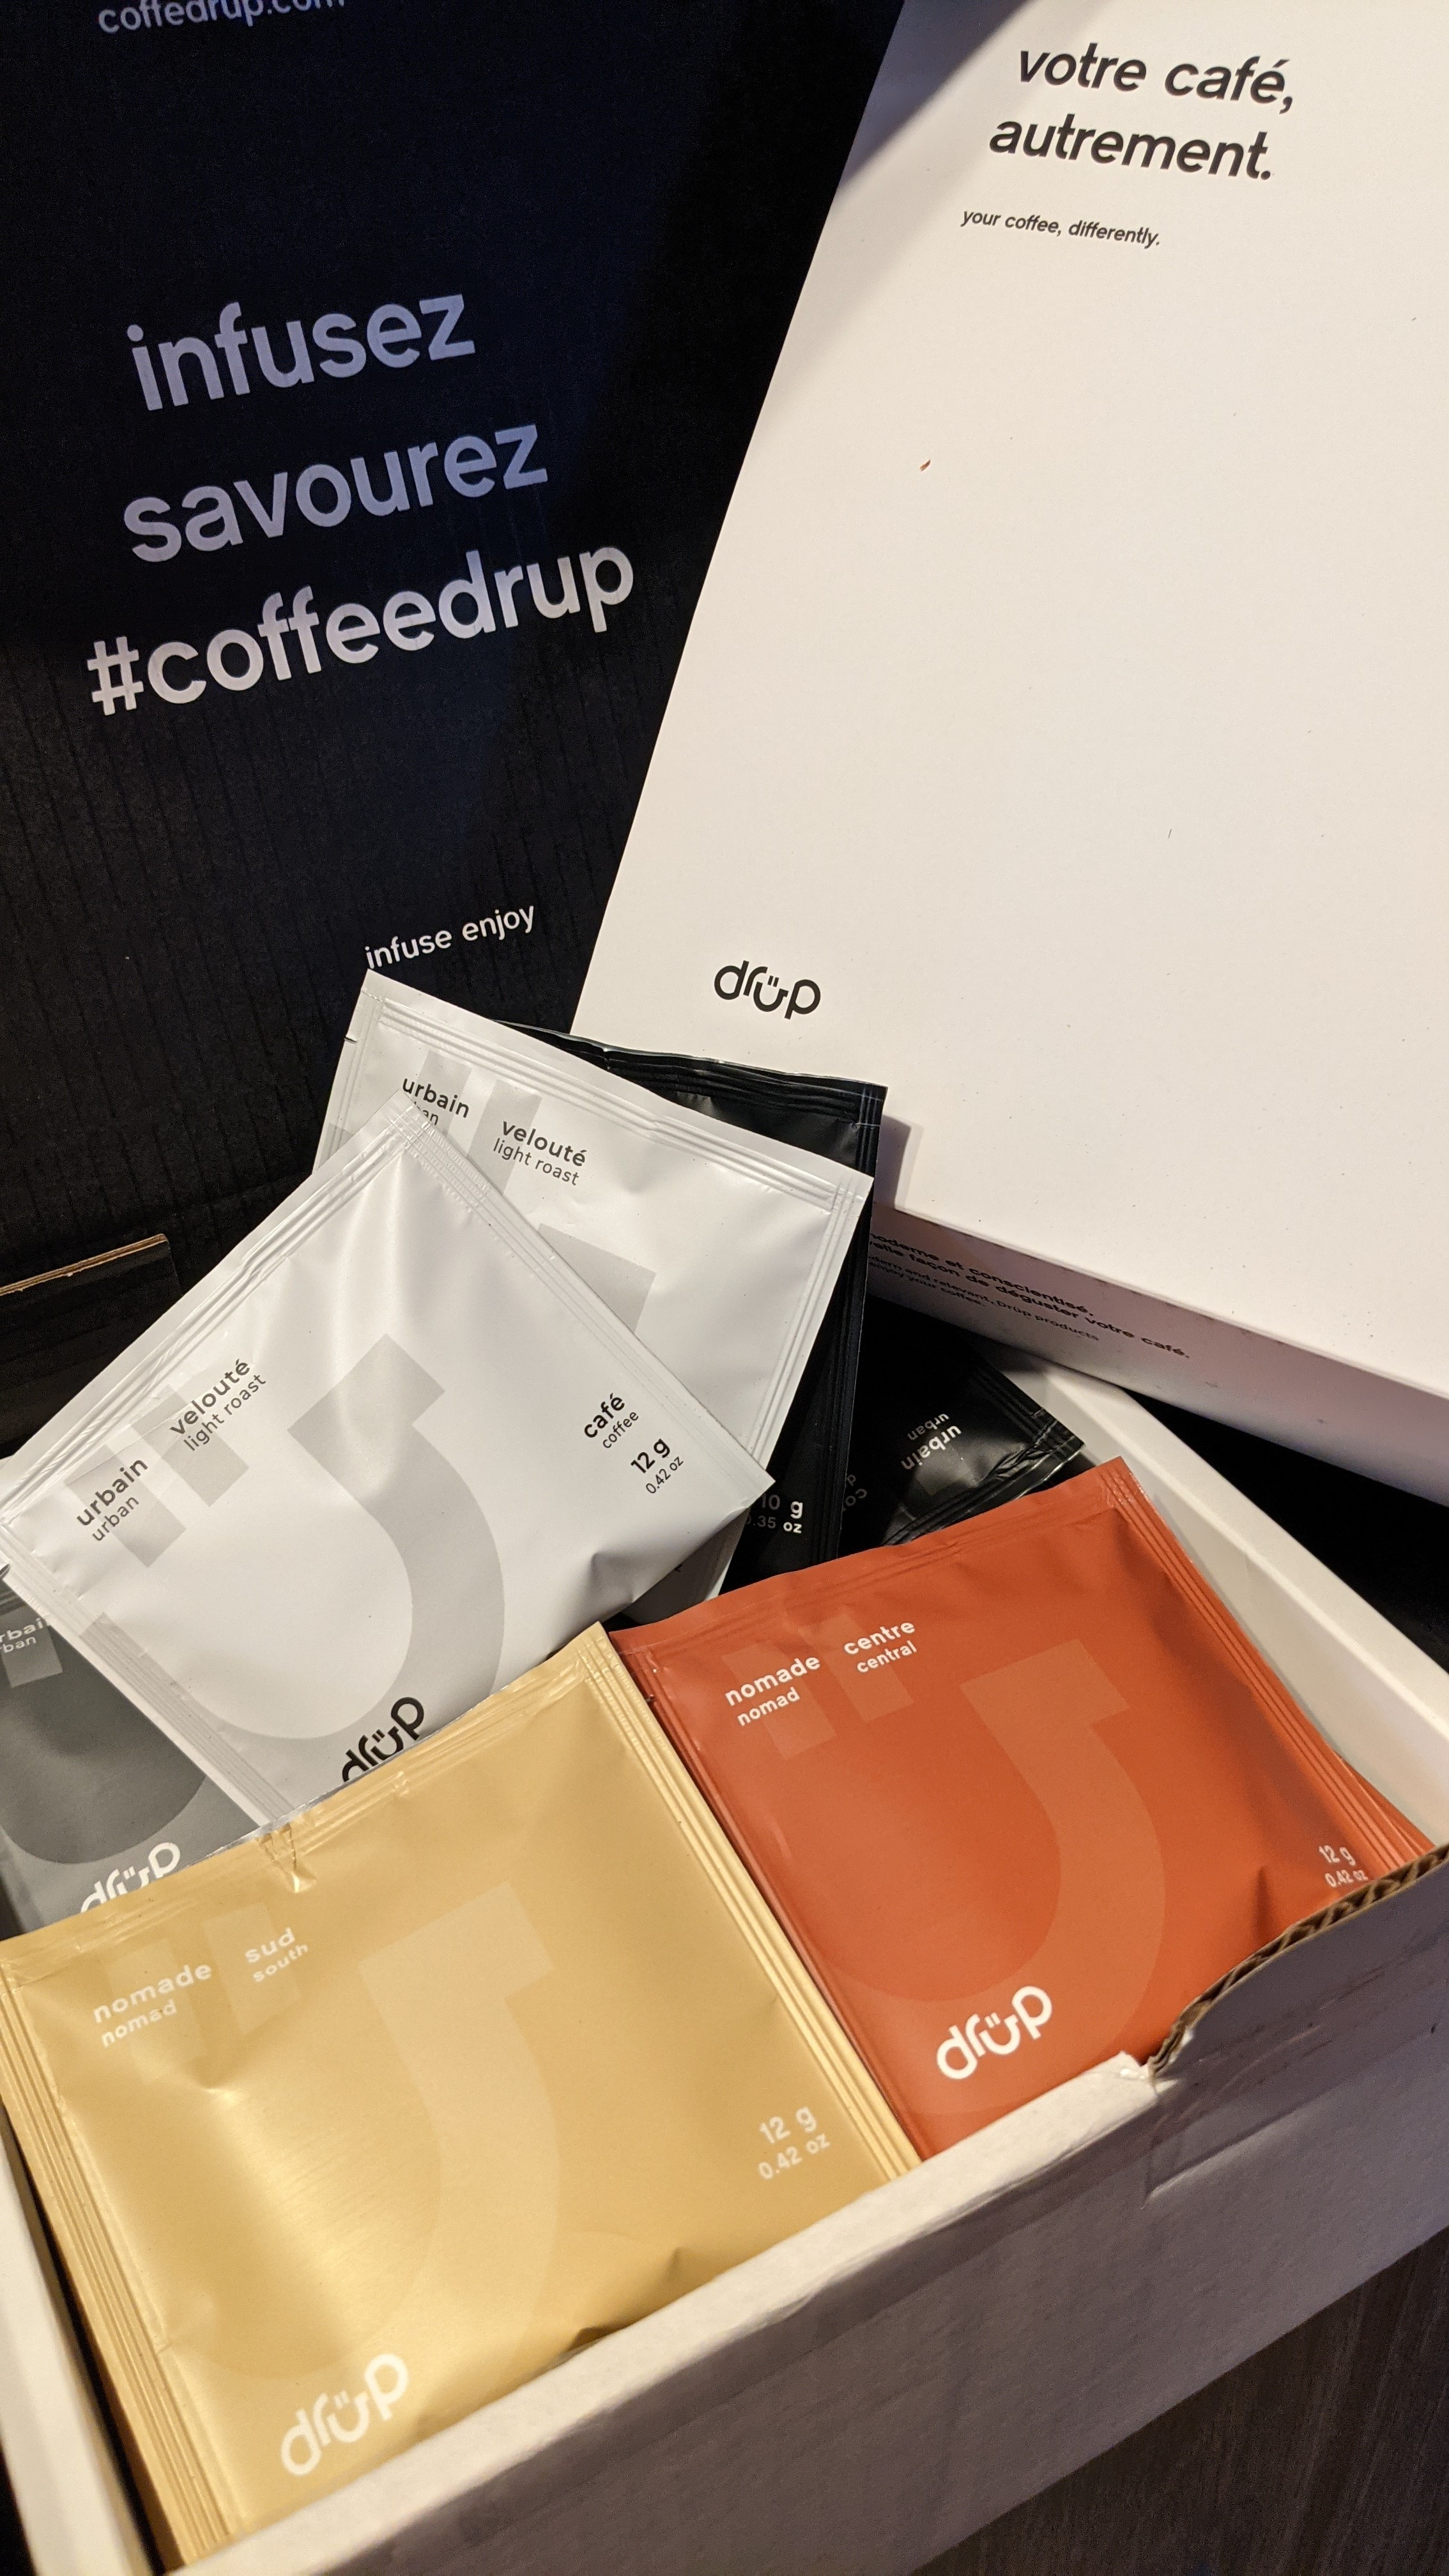 Boîte de Café Drüp 24